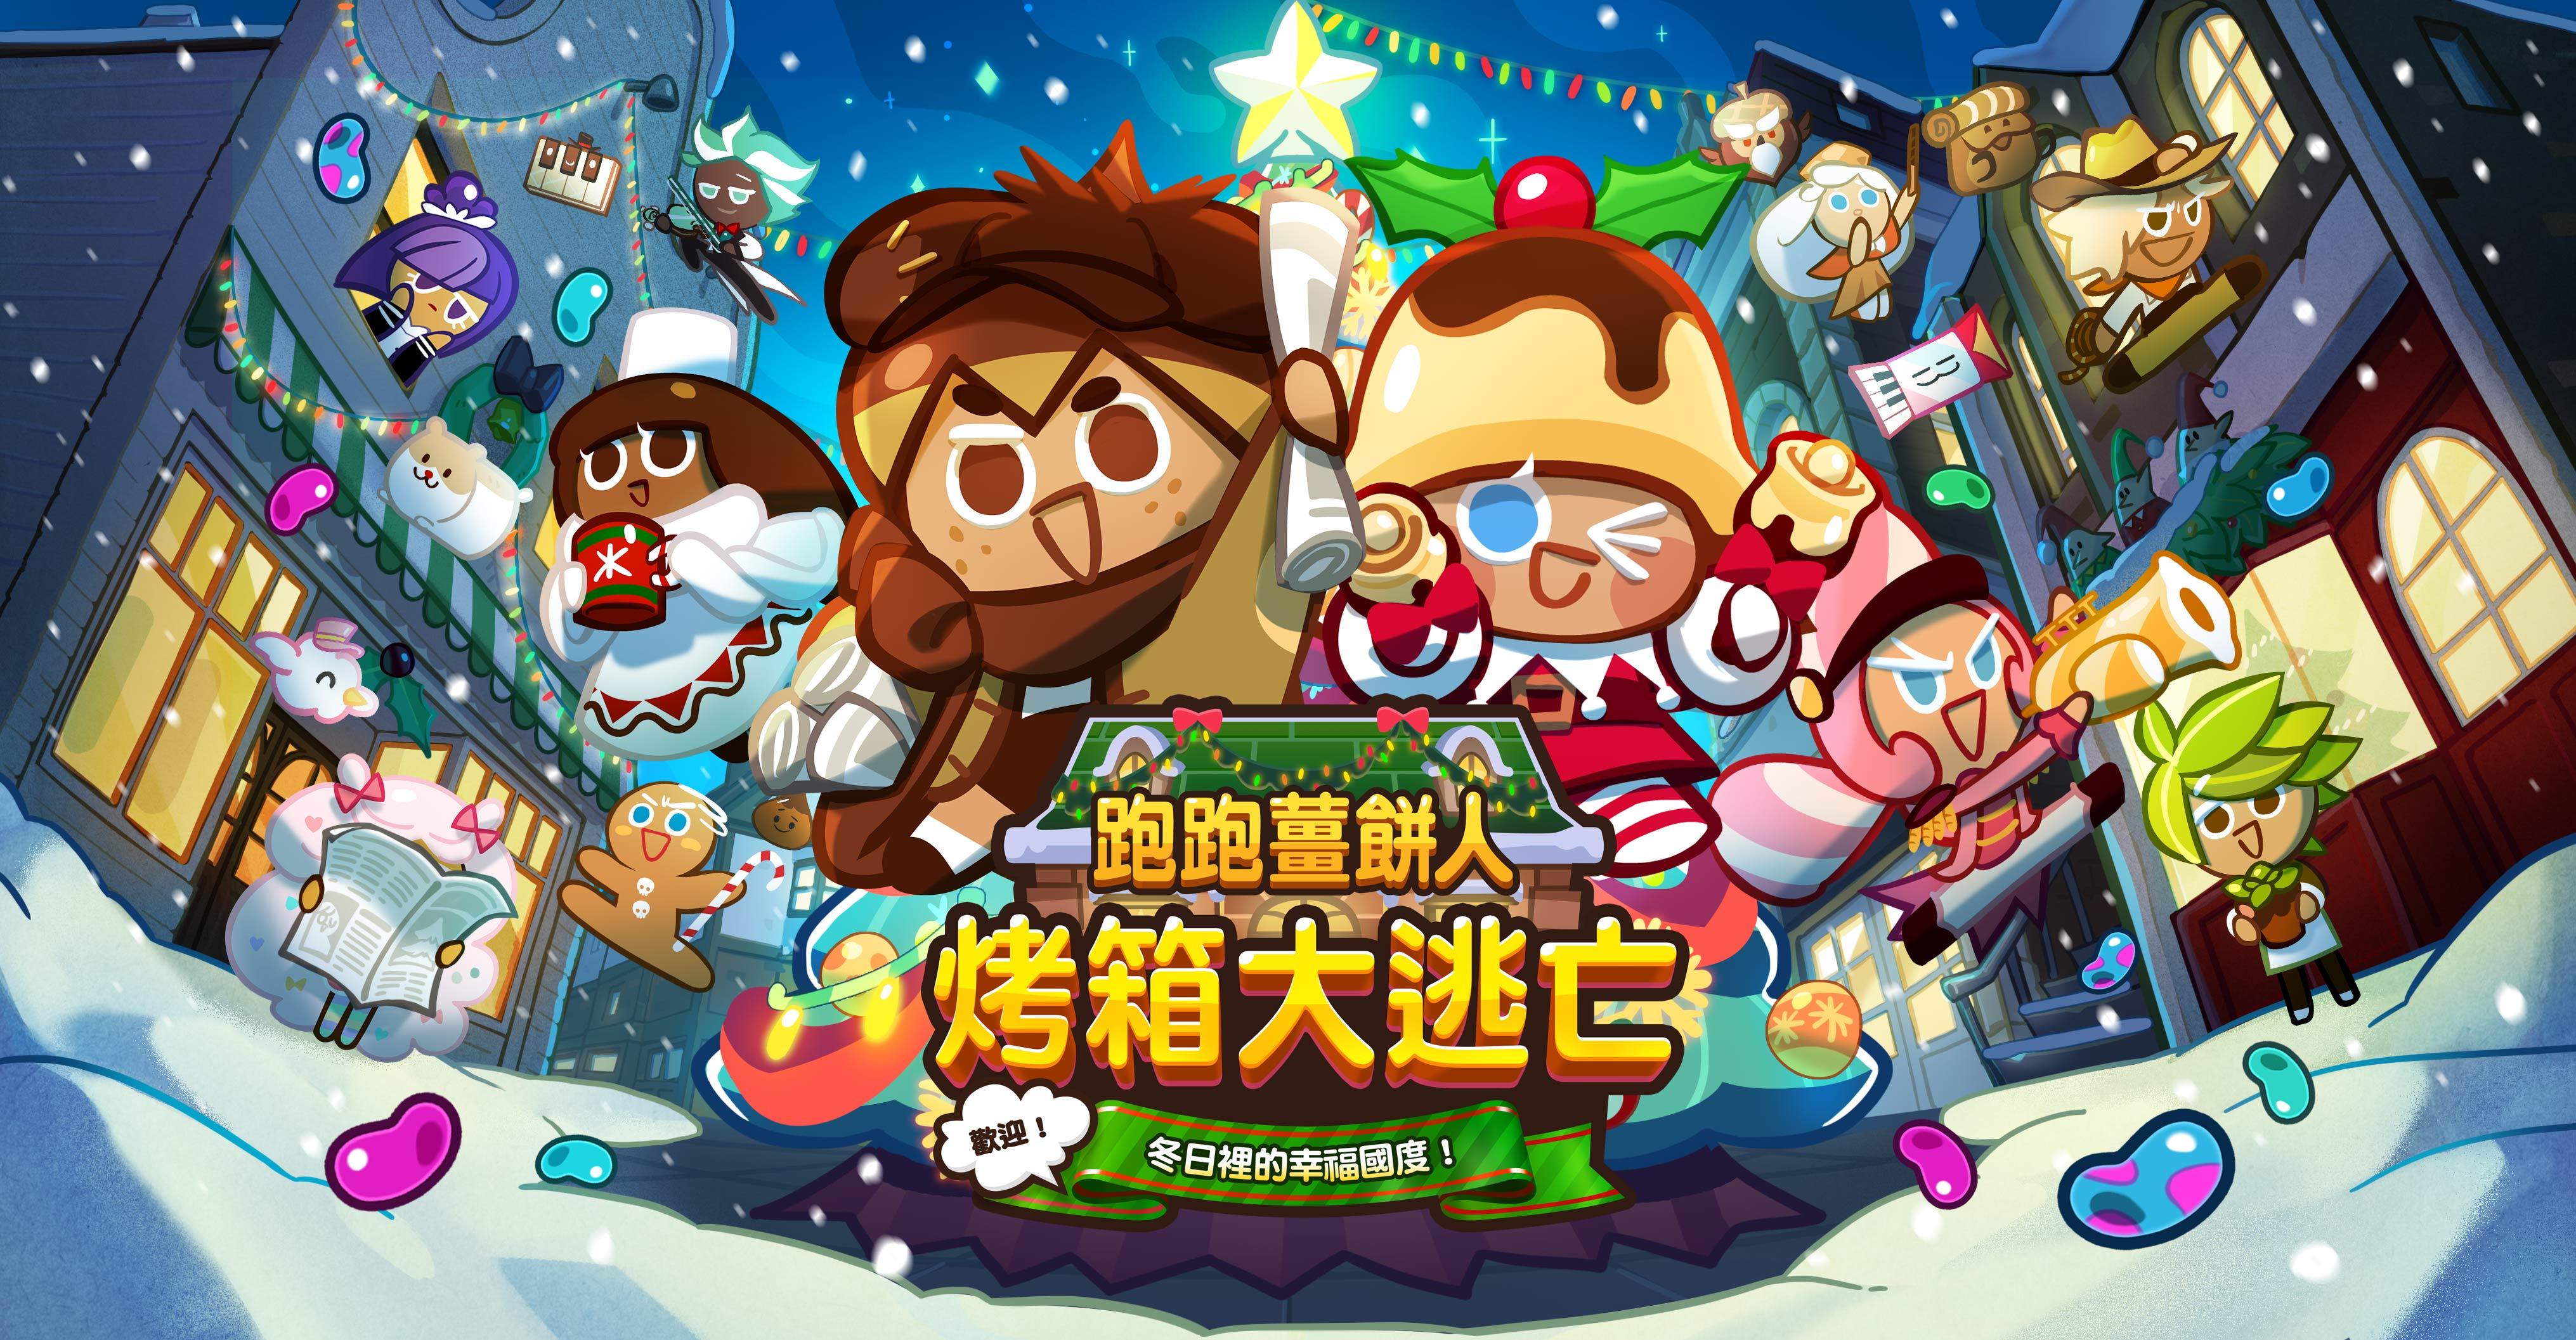 《跑跑薑餅人:烤箱大逃亡》和你一起暖暖過冬 <冬日裡的幸福國度>